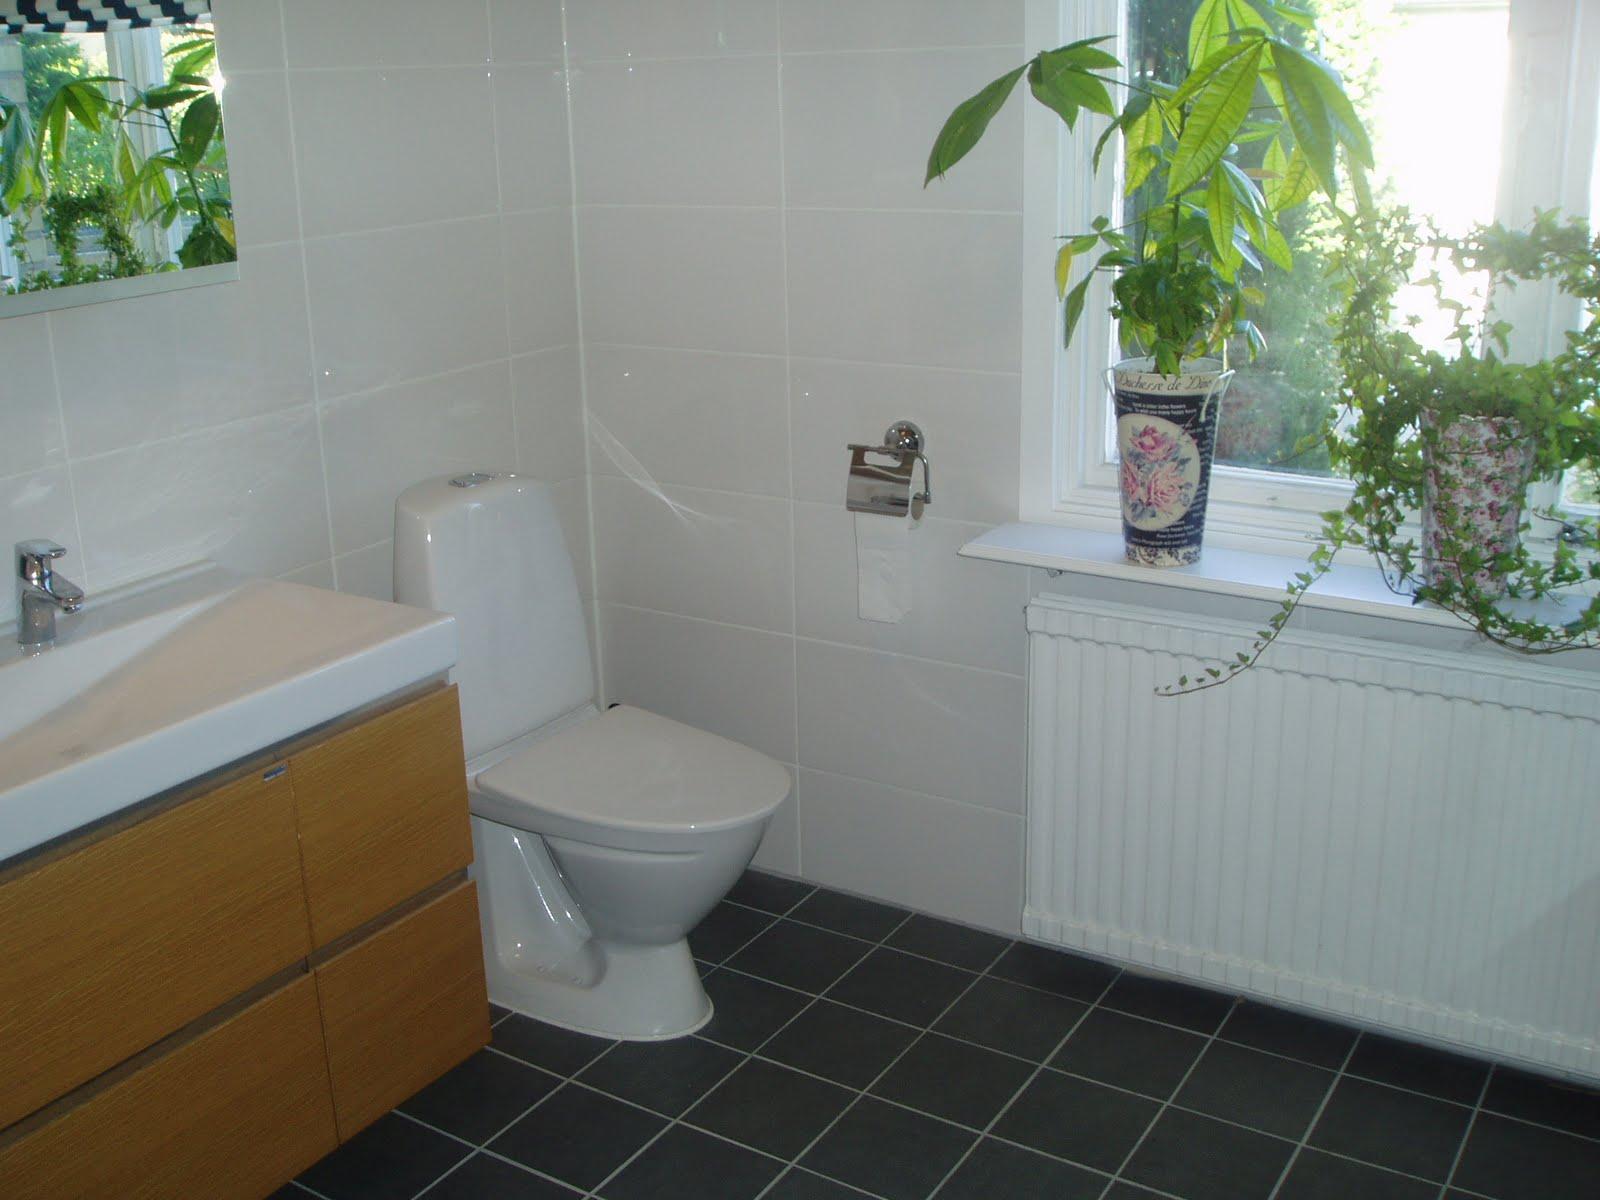 Kaklat badrum bilder ~ Xellen.com